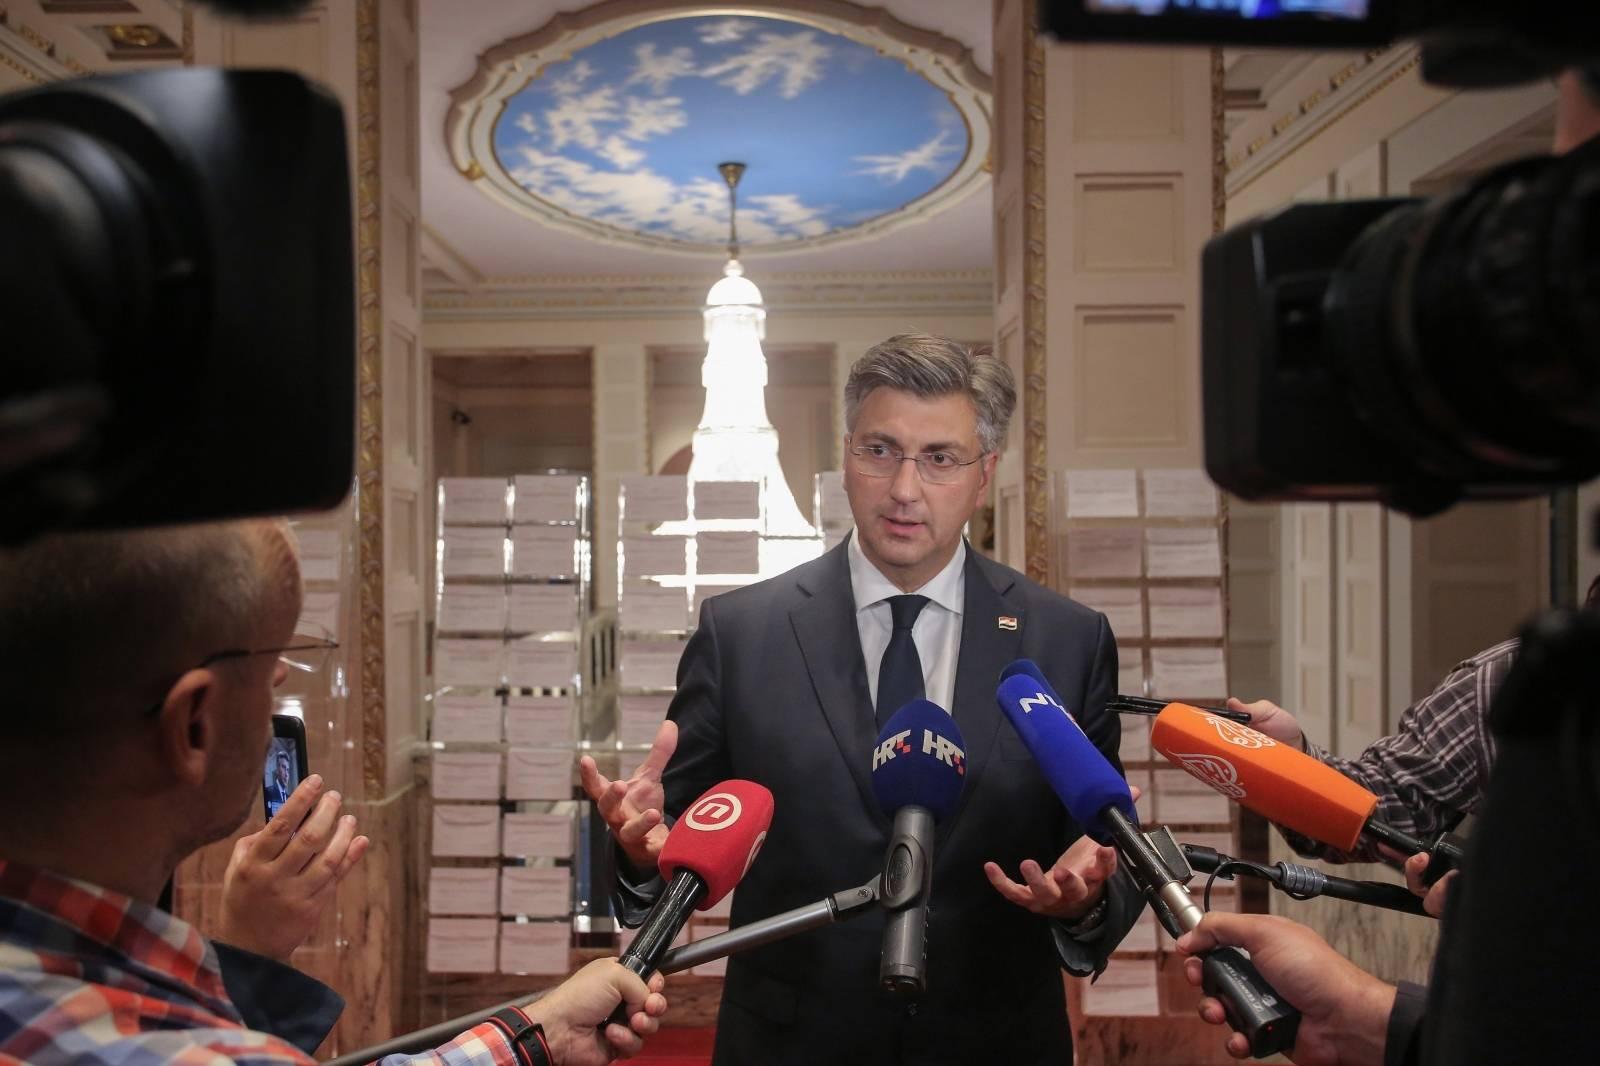 Zagreb: Izjava Andreja Plenkovića o izglasavanju nepovjerenja Milanu Kujundžiću